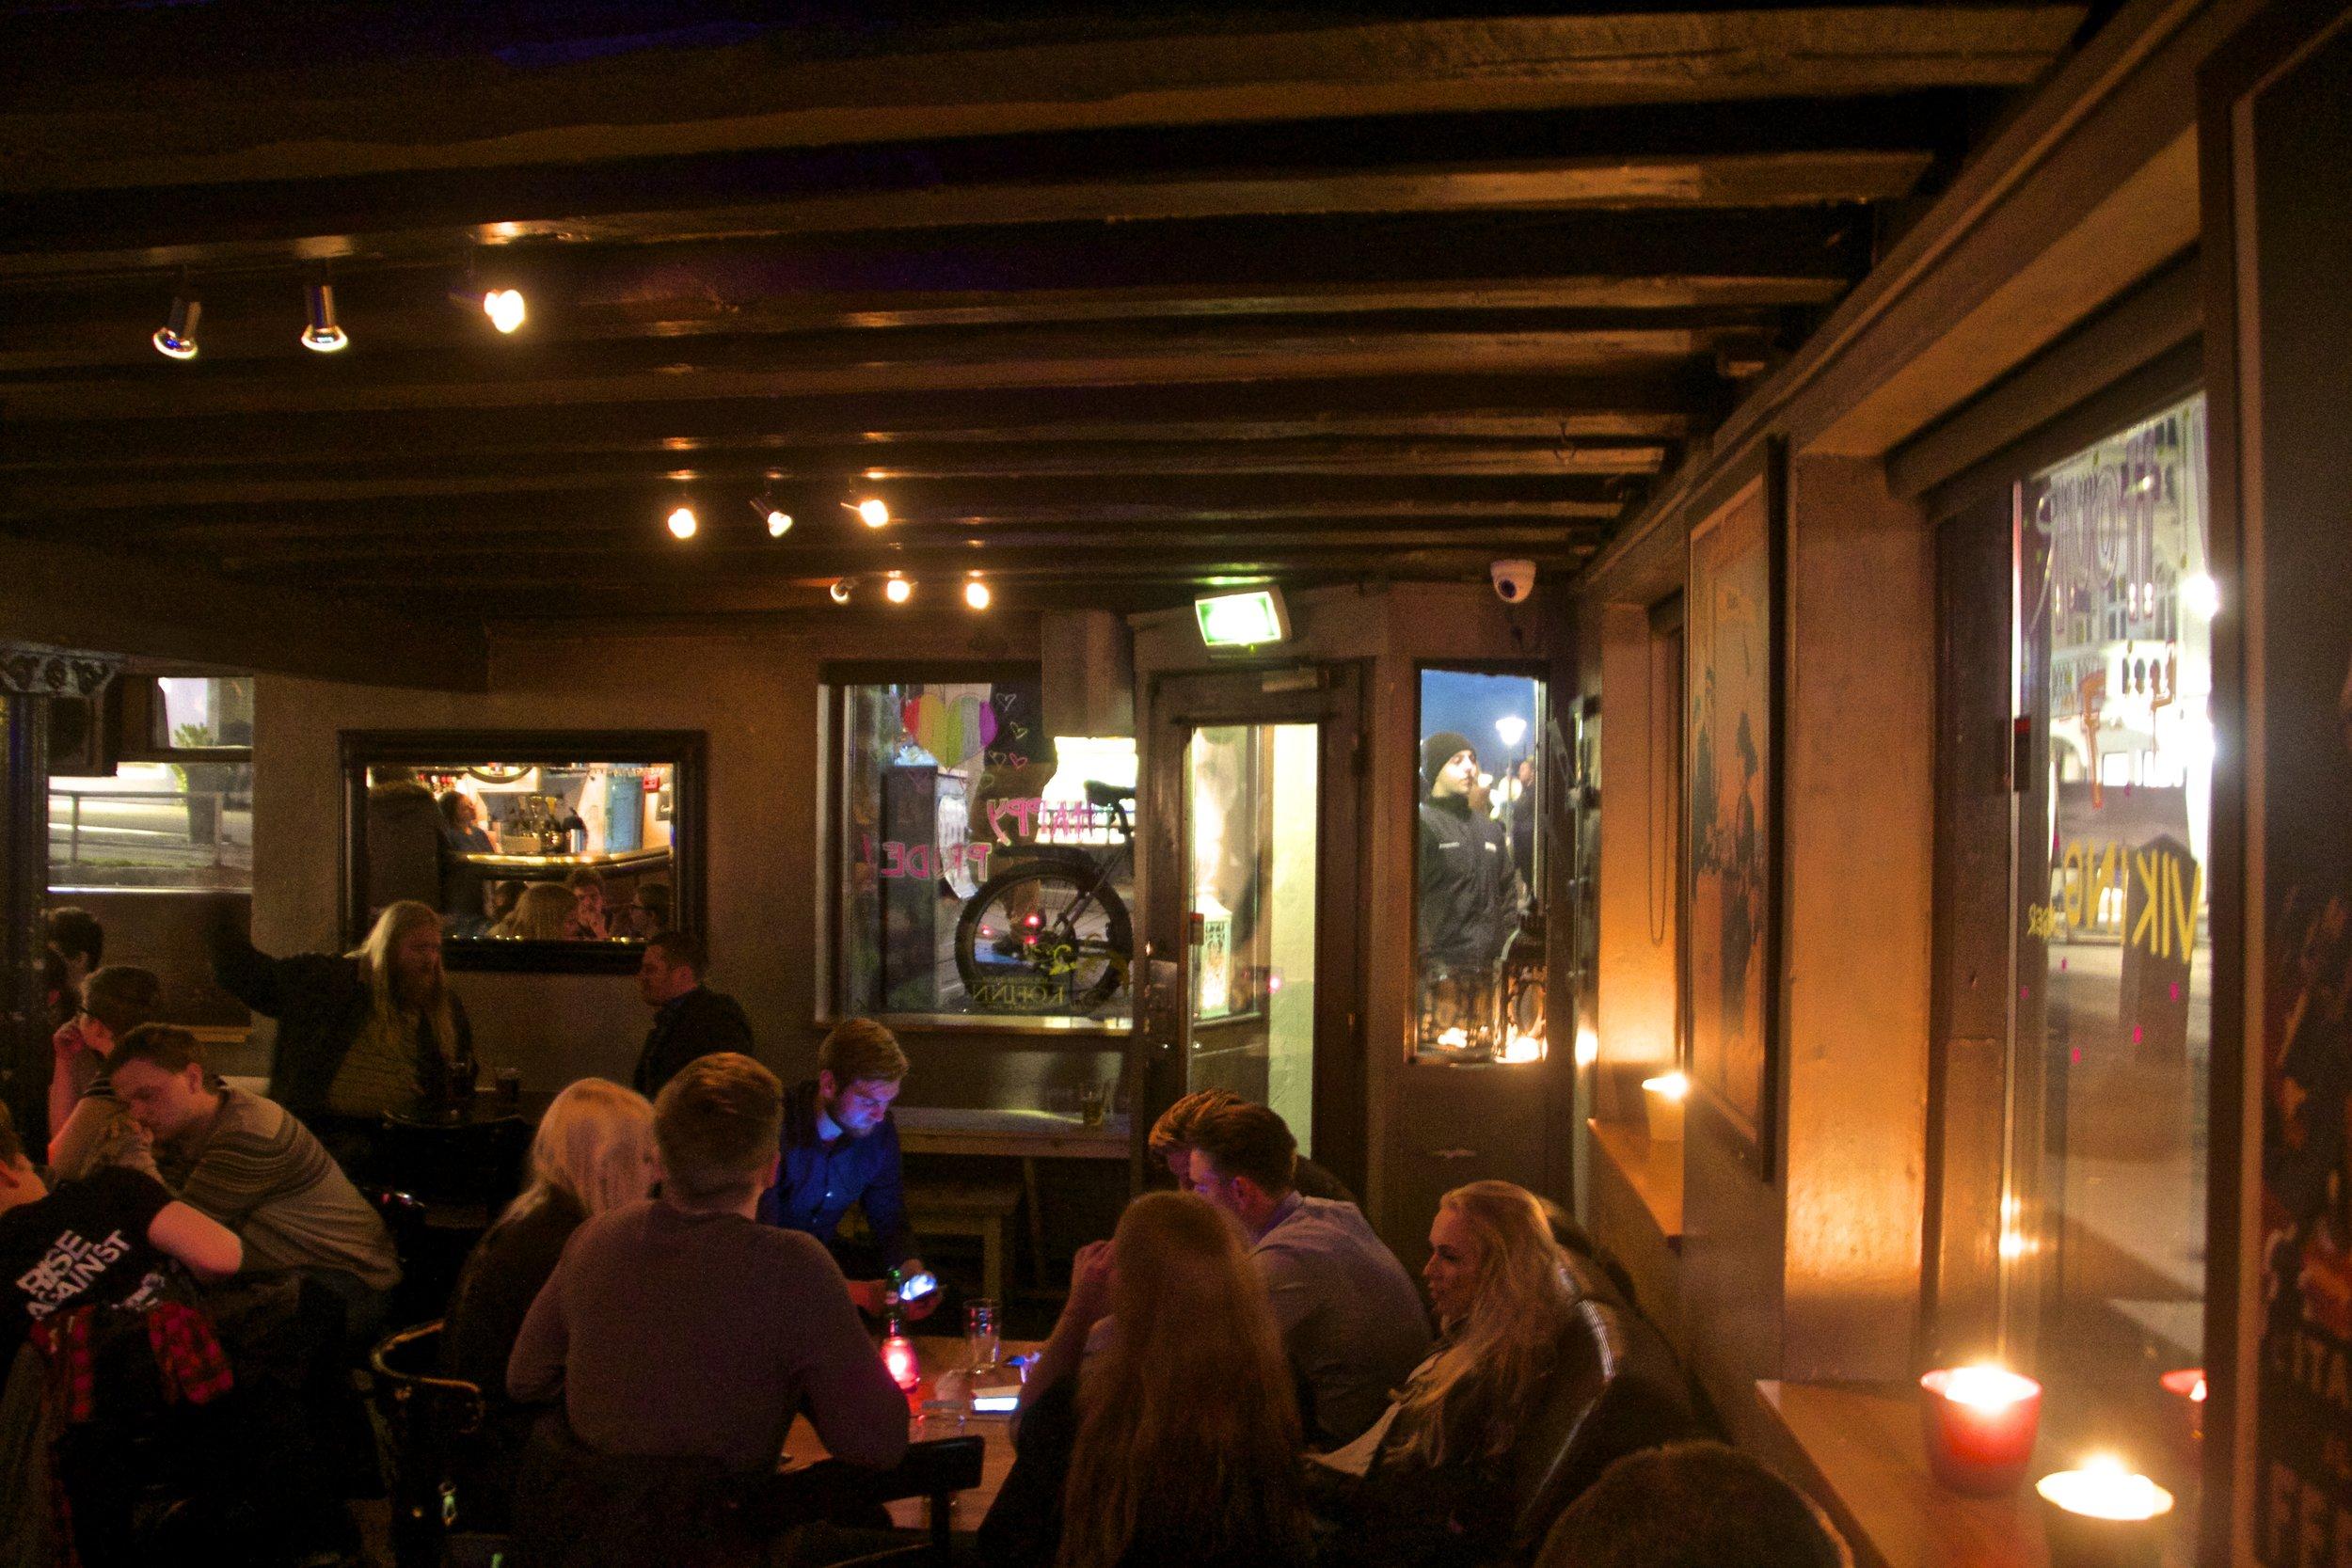 reykjavik nightlife kofinn 3.jpg